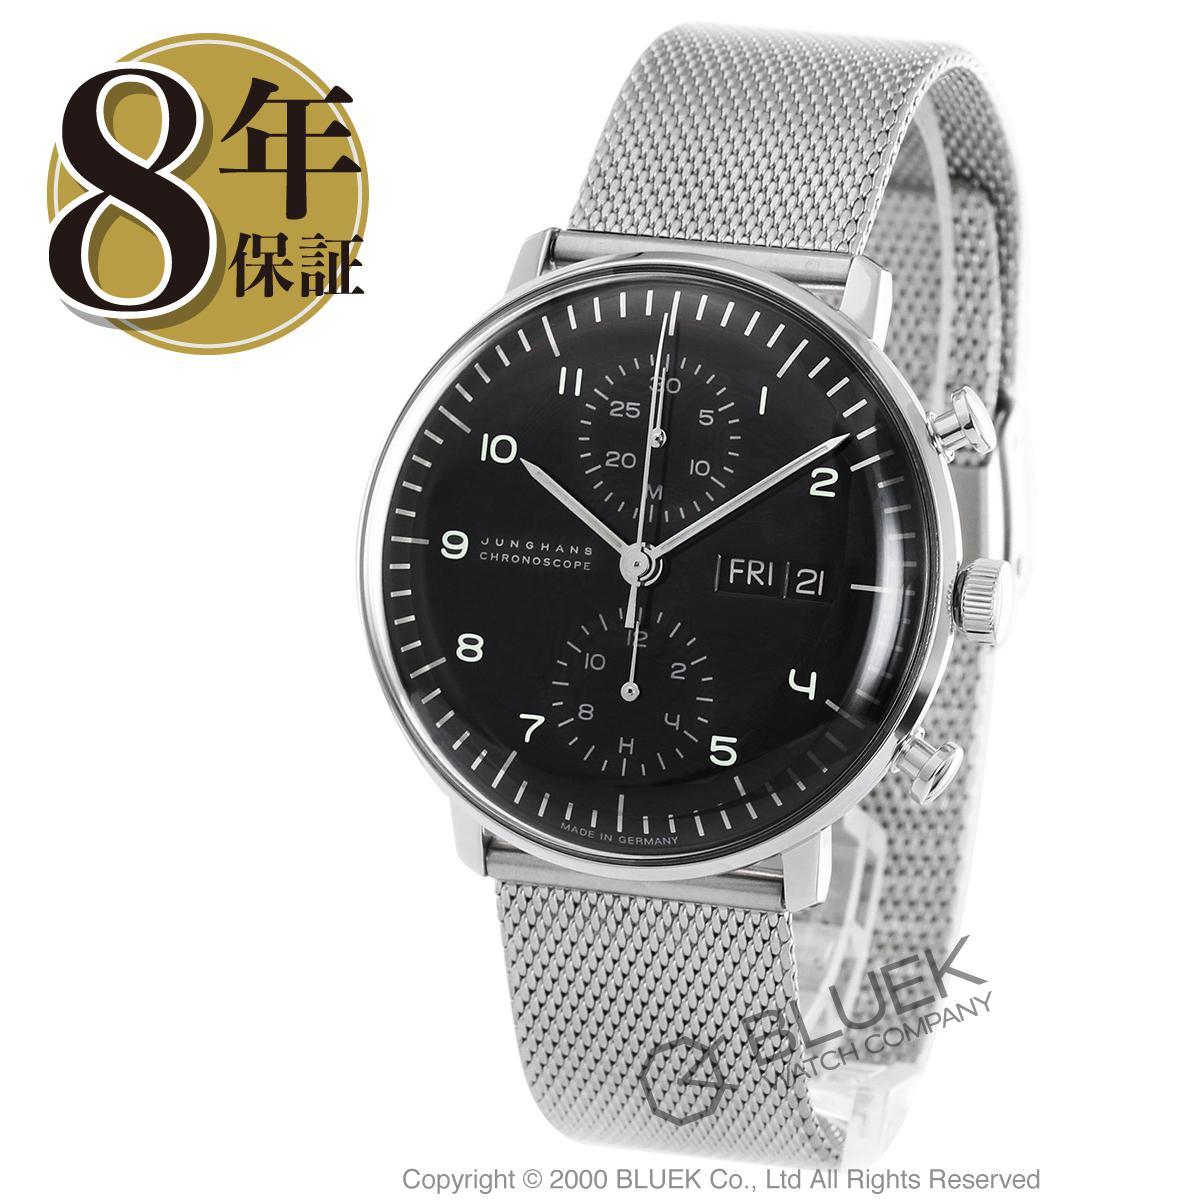 ユンハンス JUNGHANS 腕時計 マックスビル クロノスコープ メンズ 027/4500.45_8